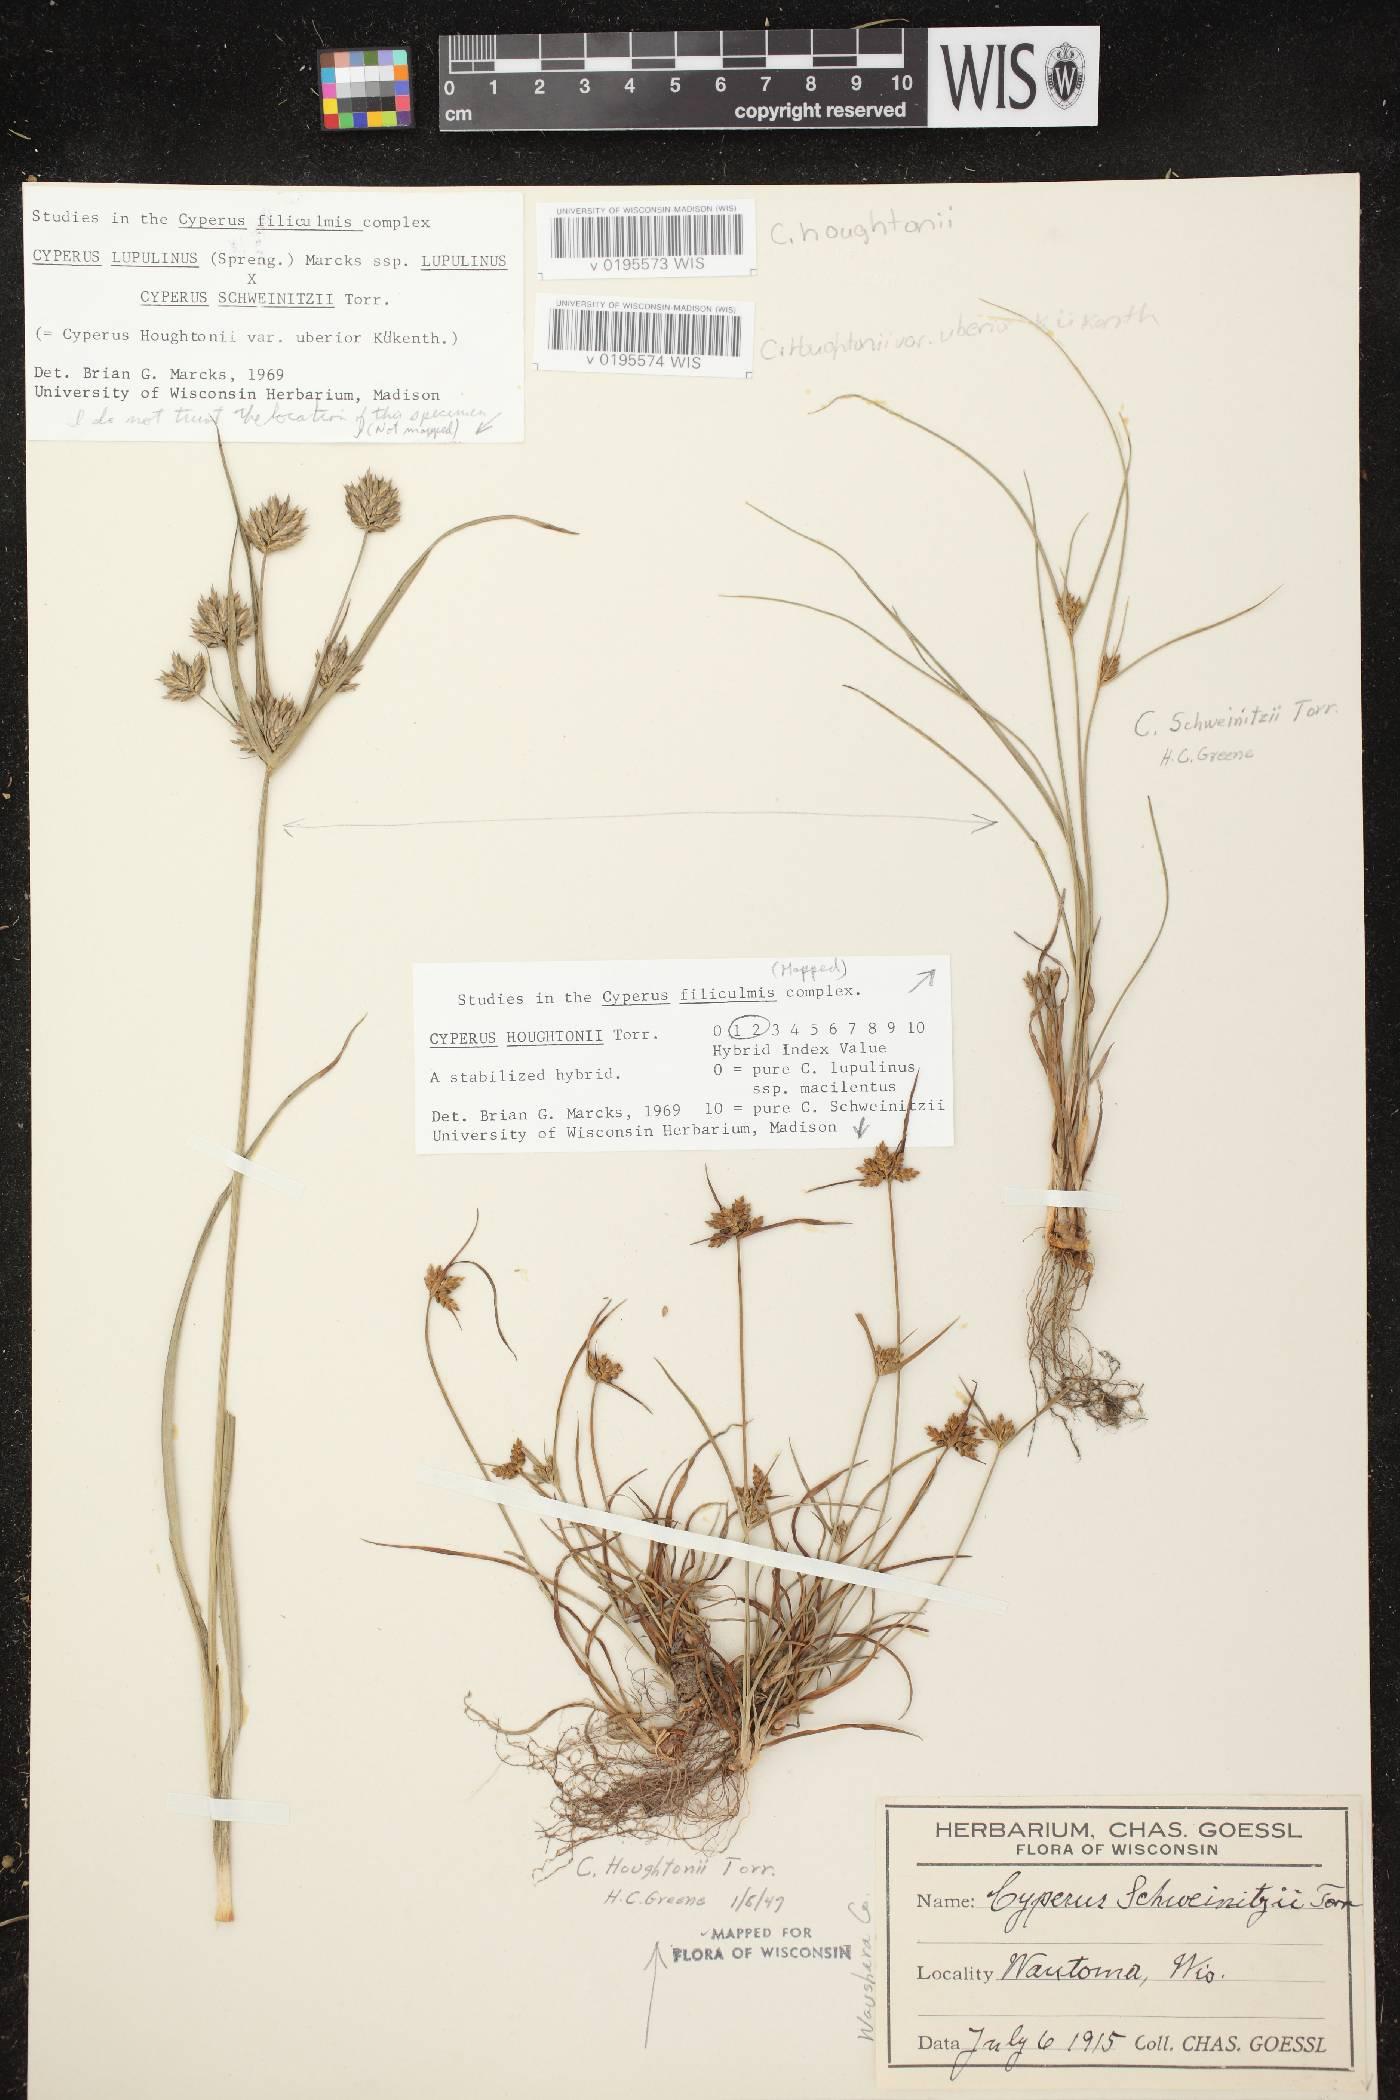 Cyperus X mesochorus image